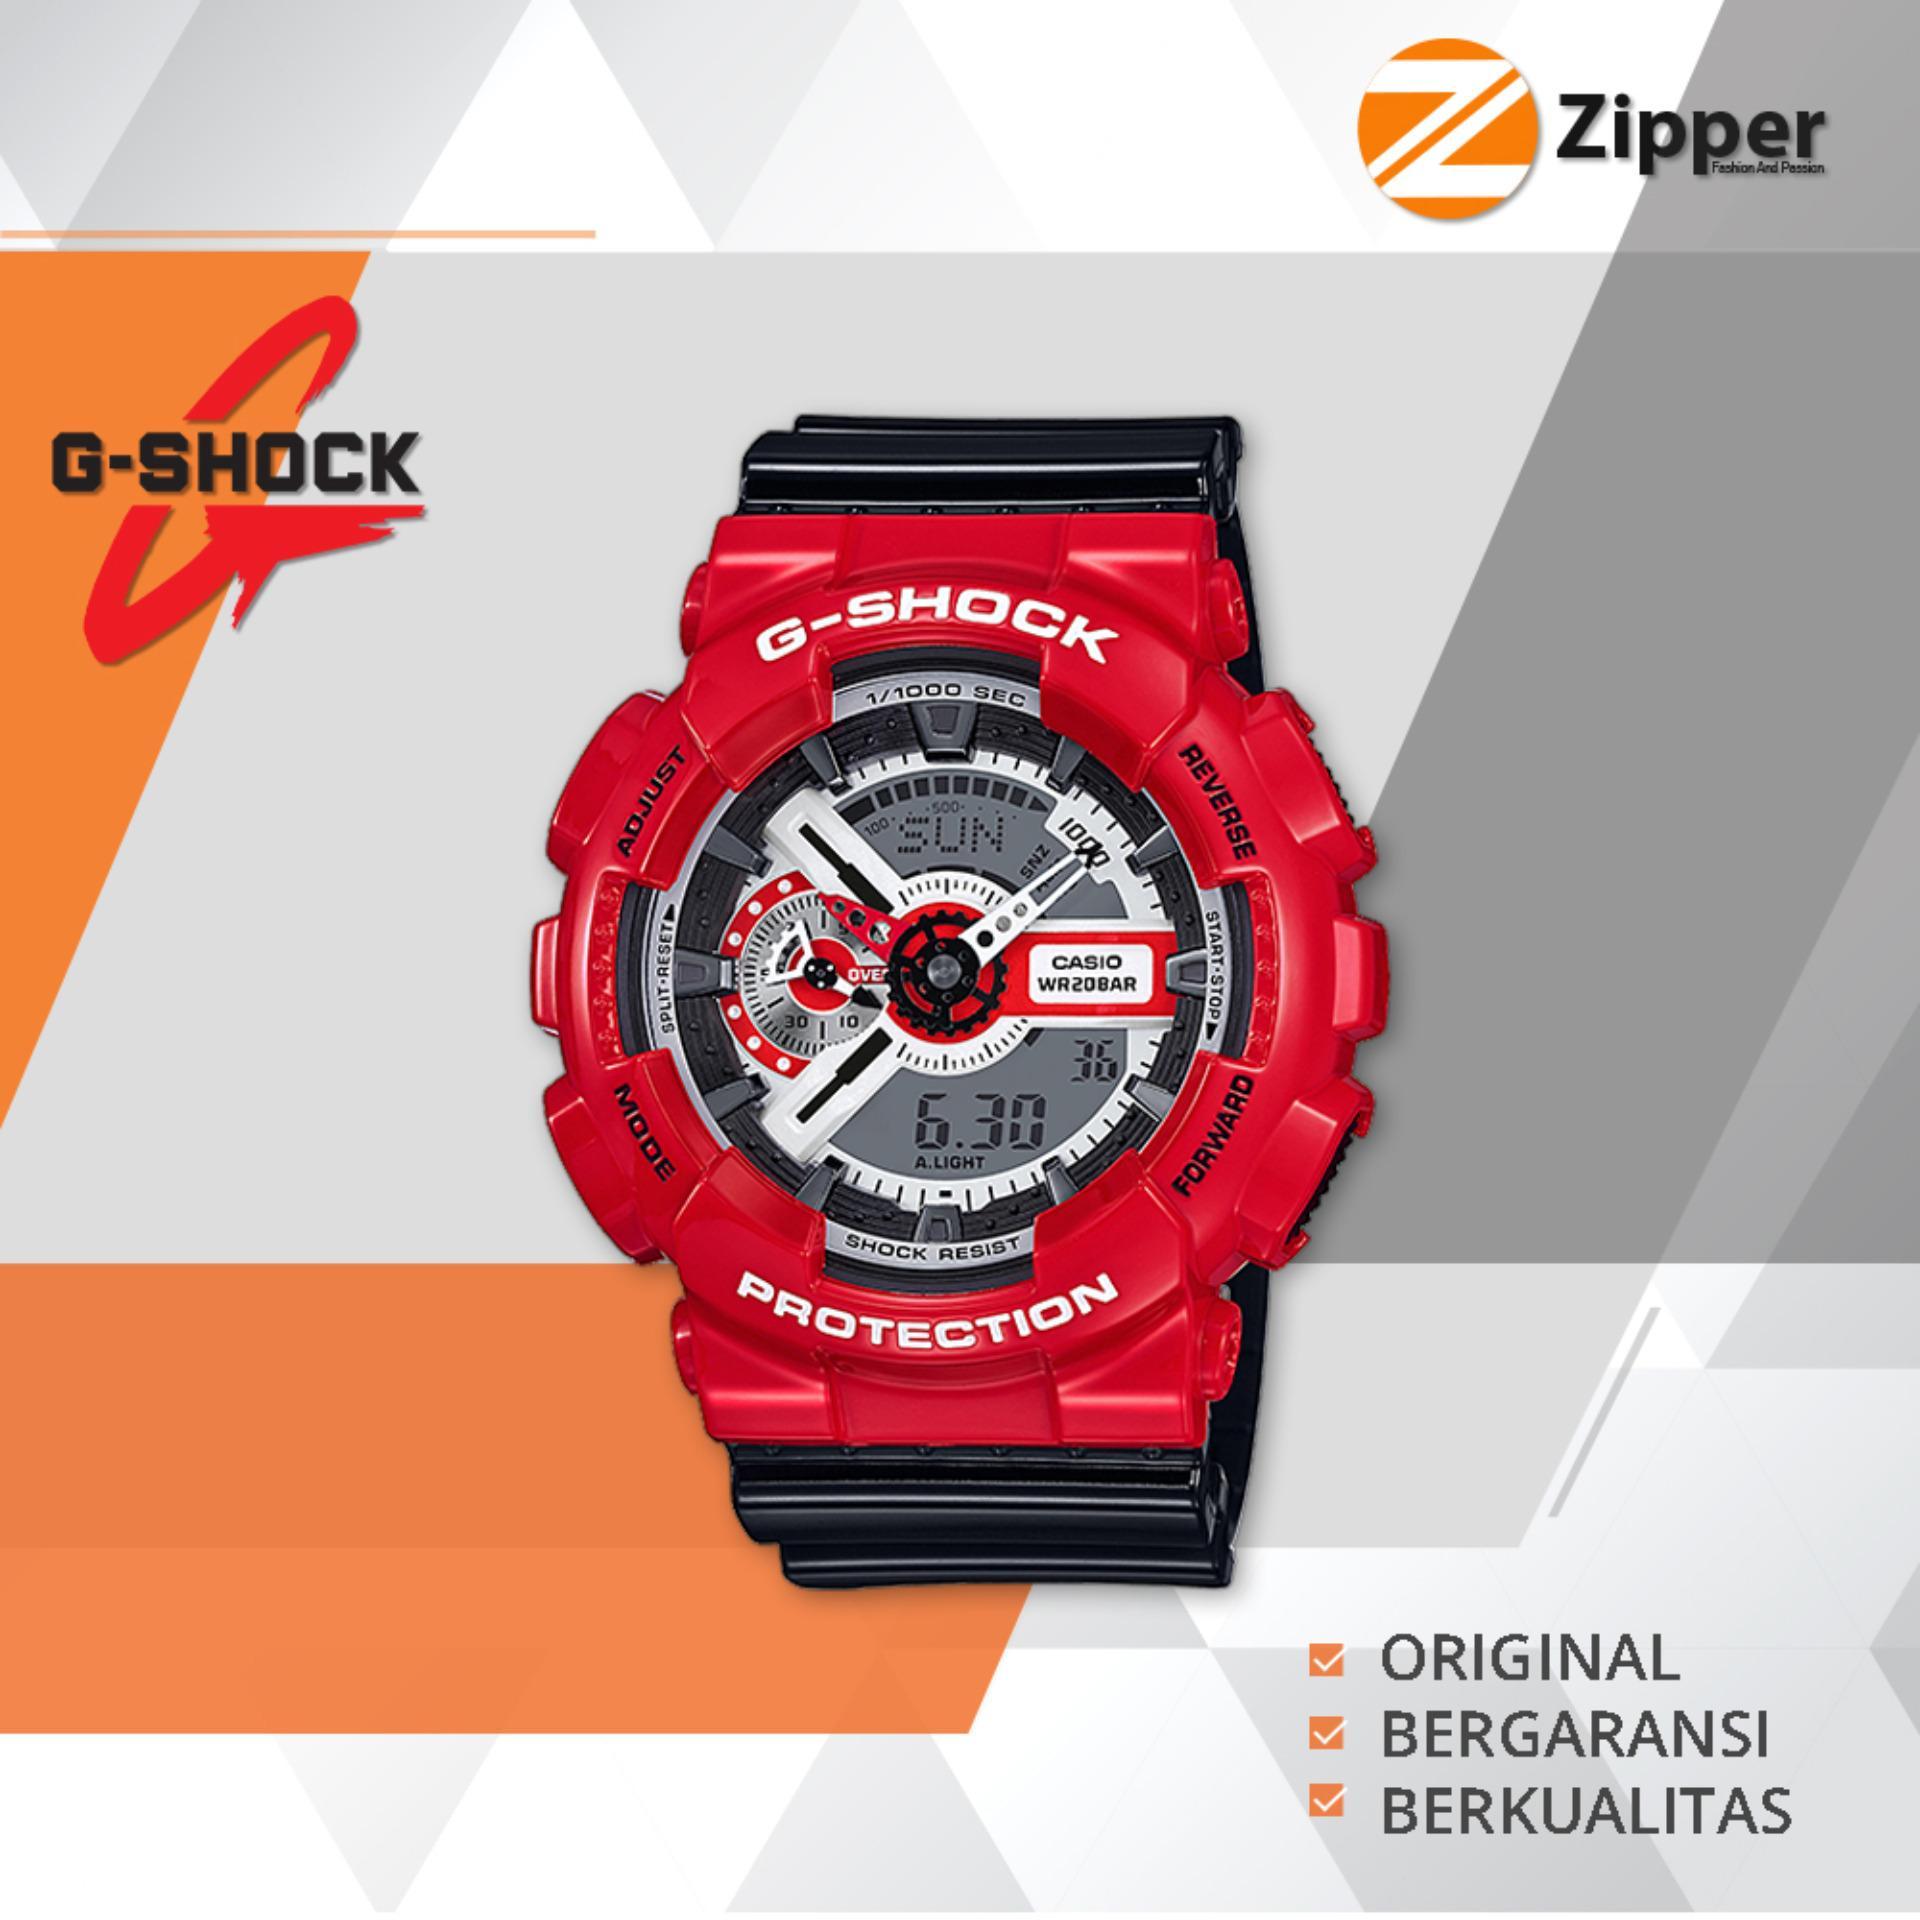 Review Pada Casio G Shock Jam Tangan Pria Analog Digital Ga 110 Series Tali Karet